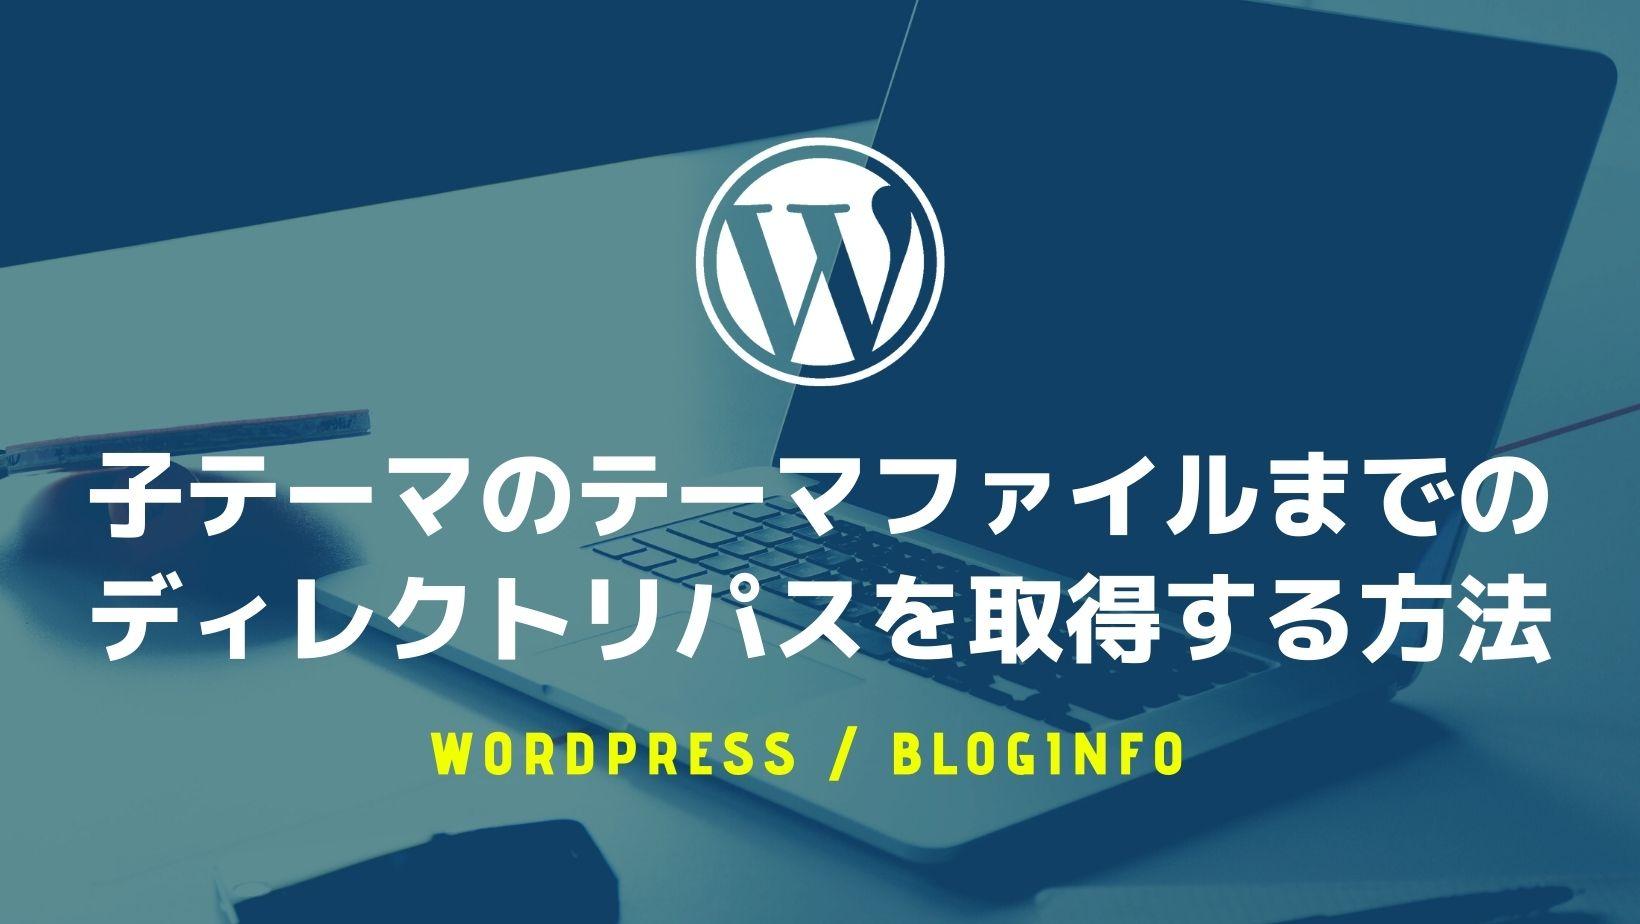 【WordPress】bloginfo/子テーマのテーマファイルまでのディレクトリパスを取得する方法